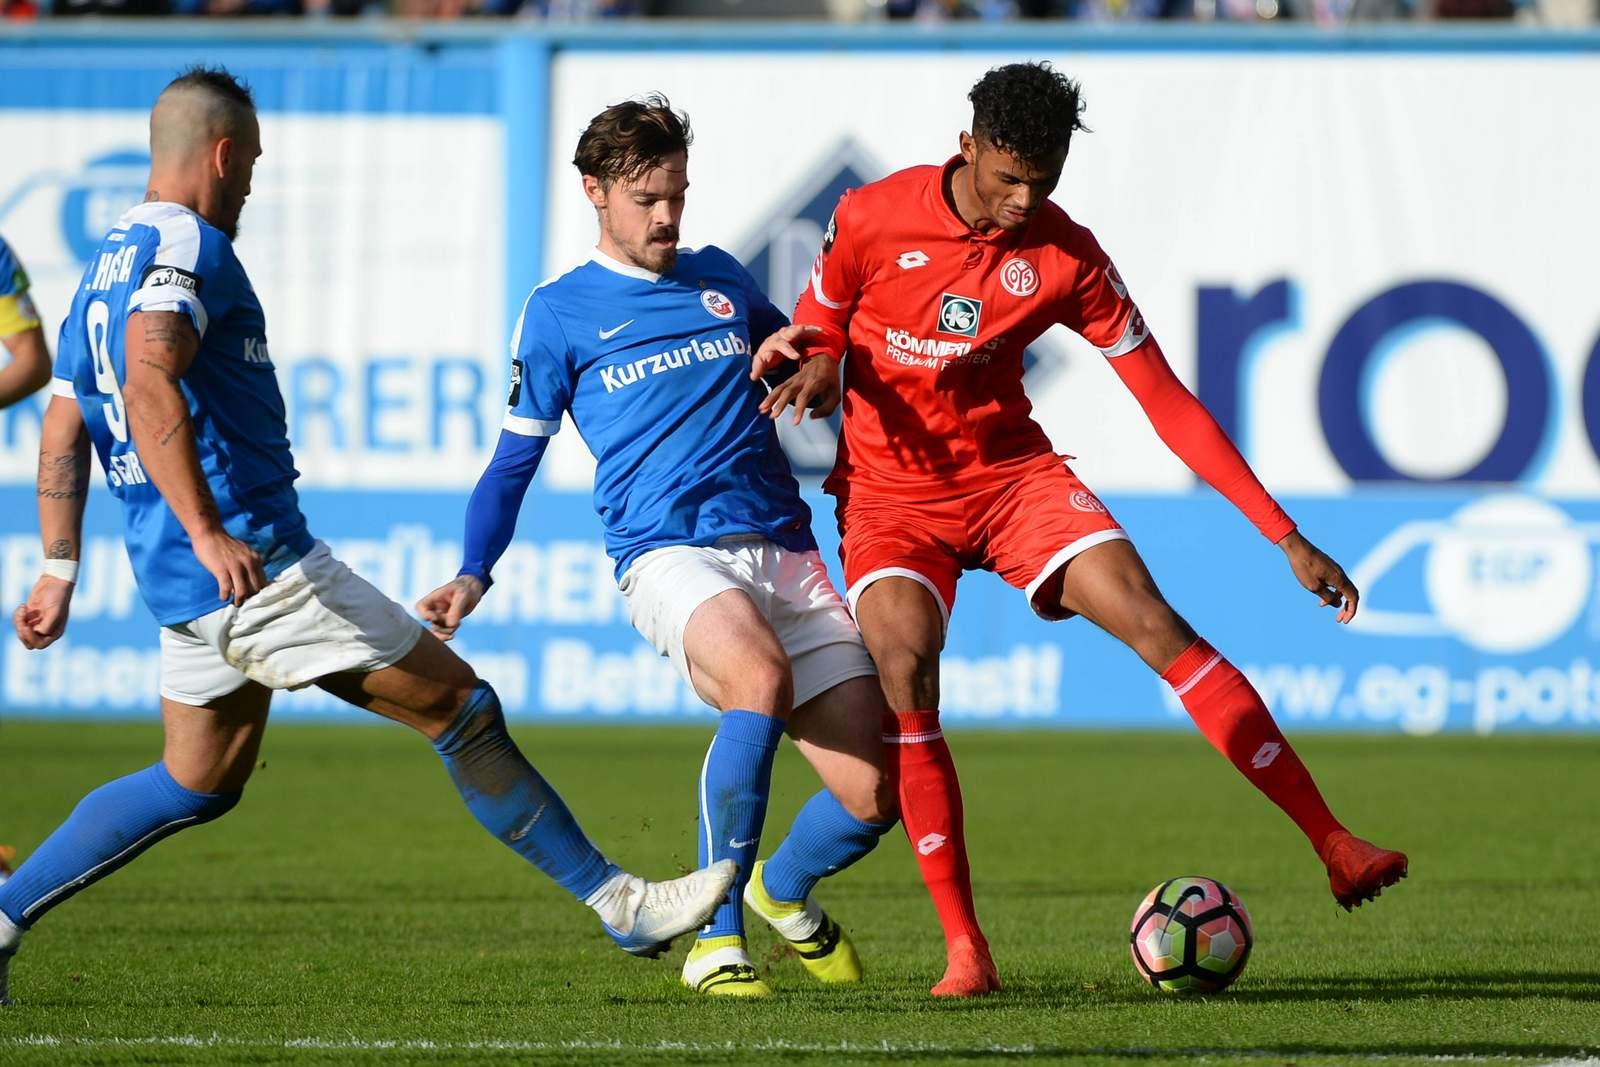 Zweikampf zwischen Dennis Erdmann und Aaron Seydel. Jetzt auf Mainz II gegen Hansa Rostock wetten!